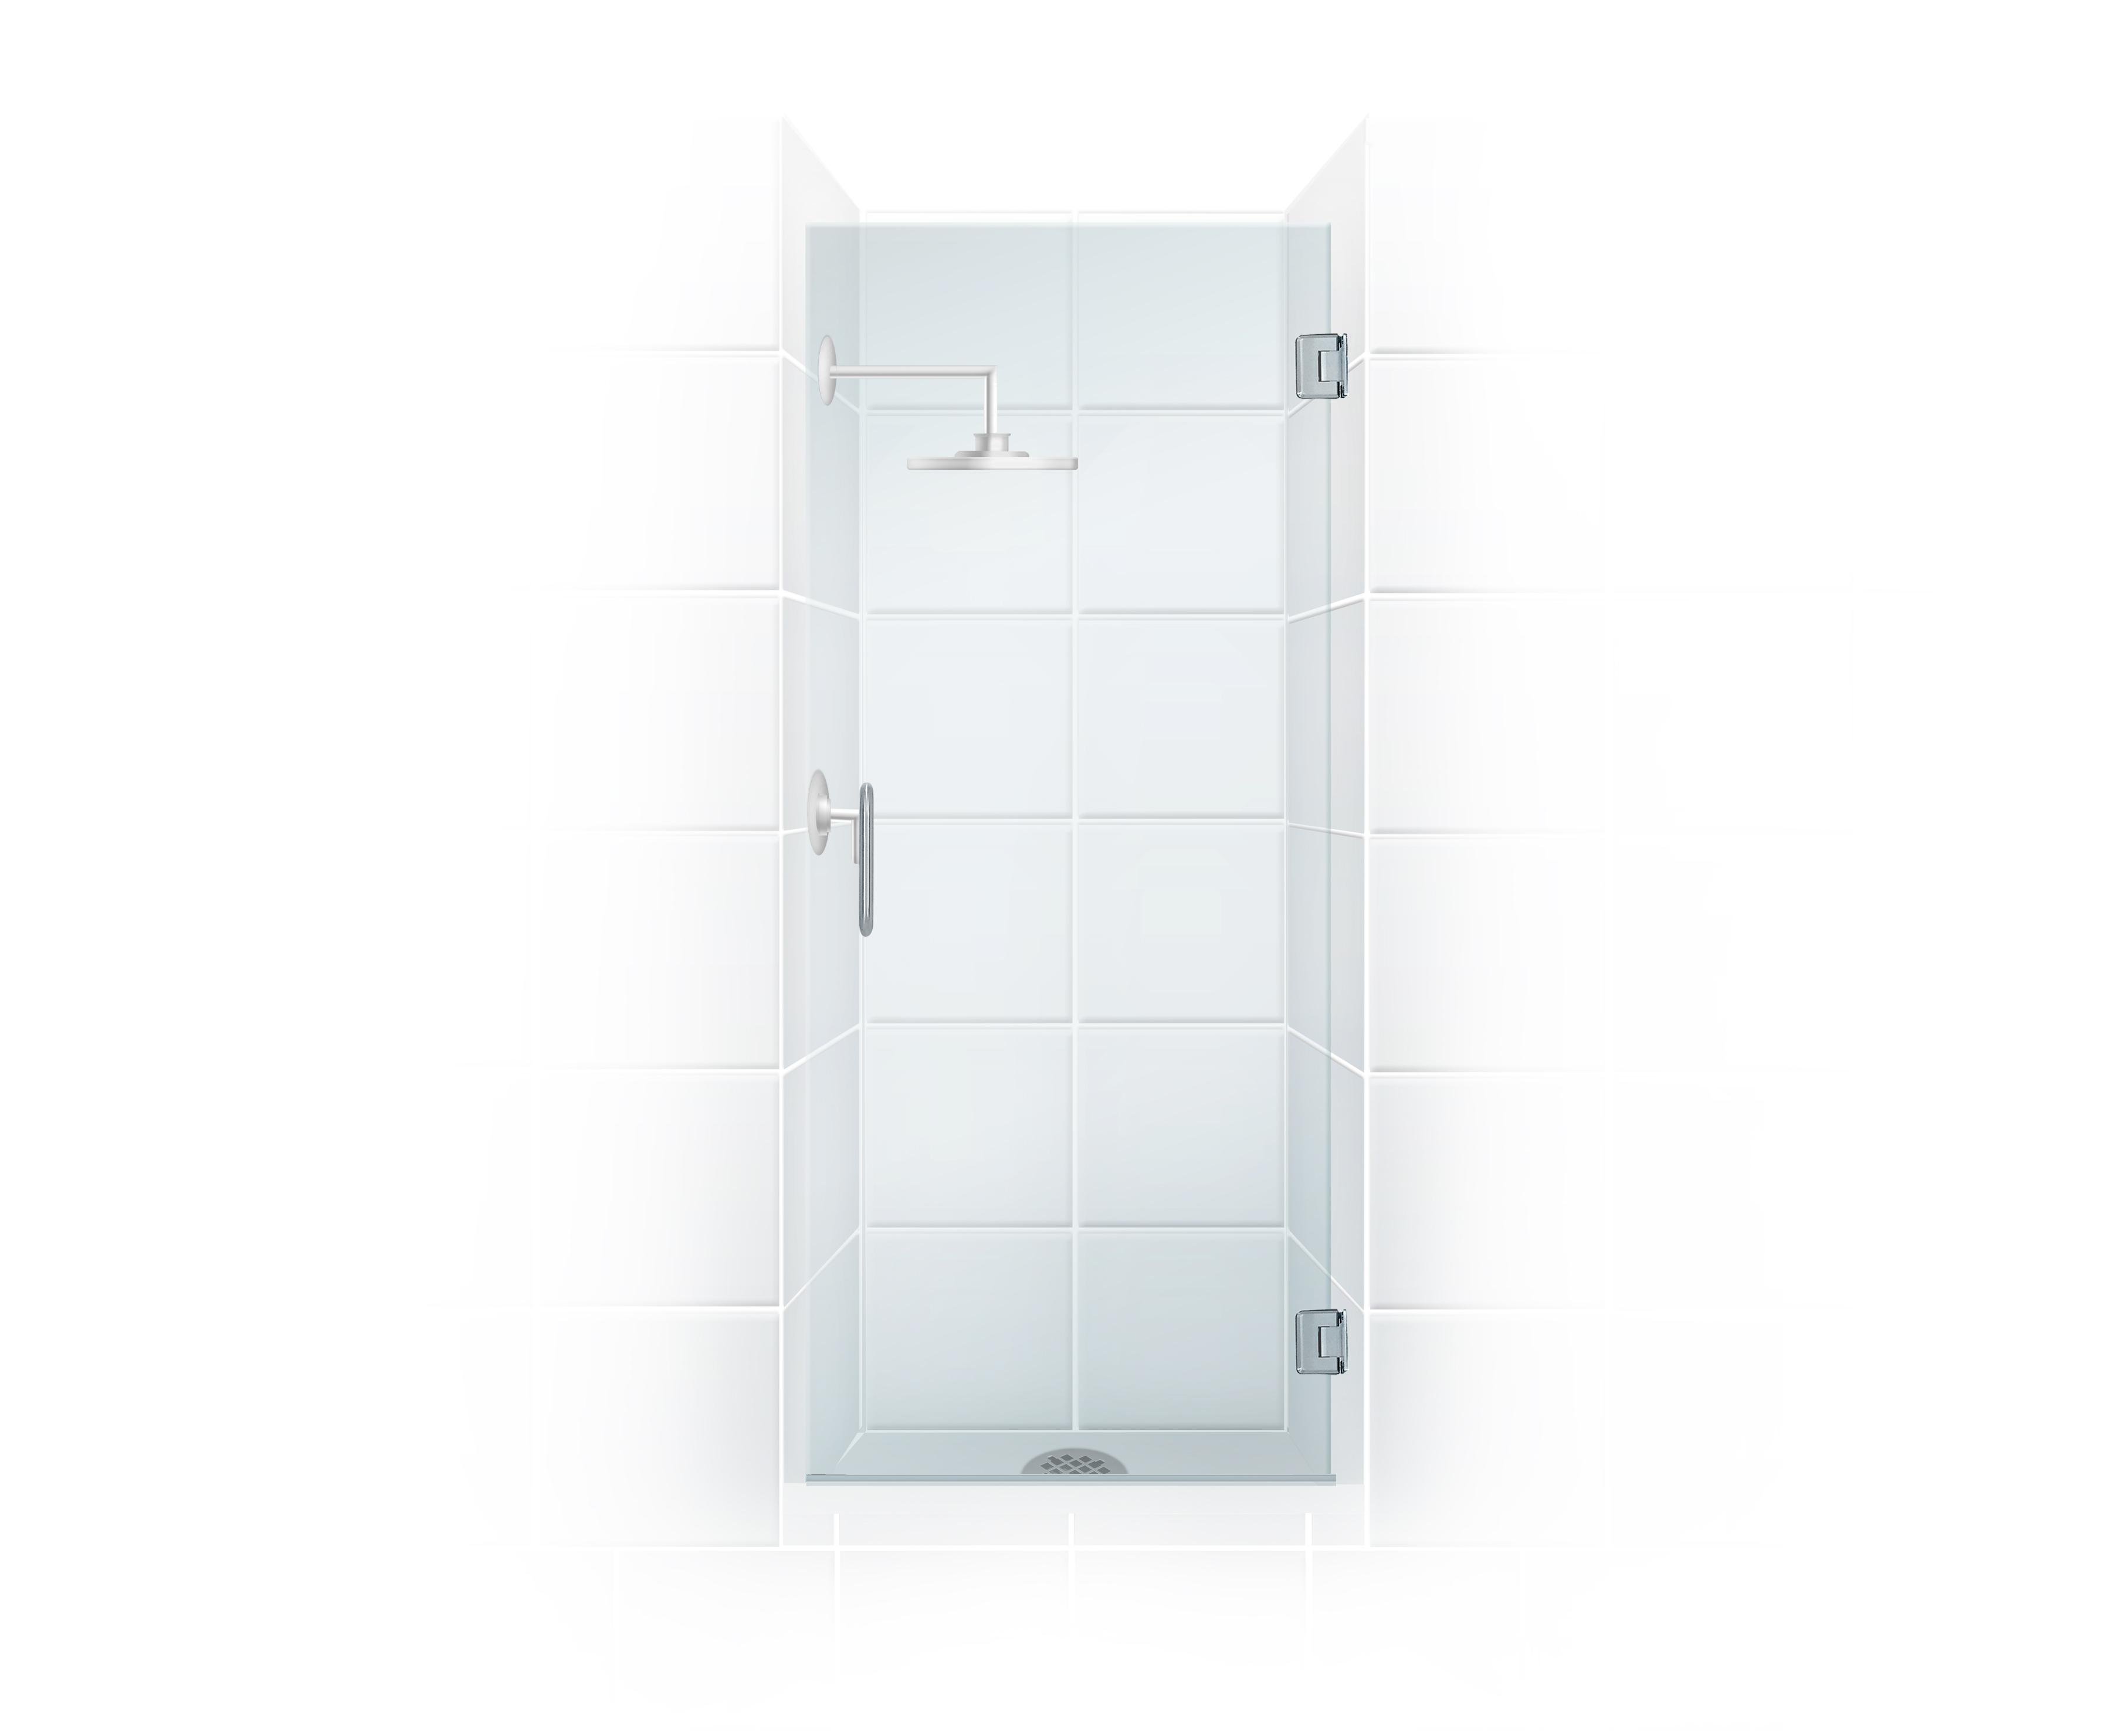 coastal industries paragon valueline shower door